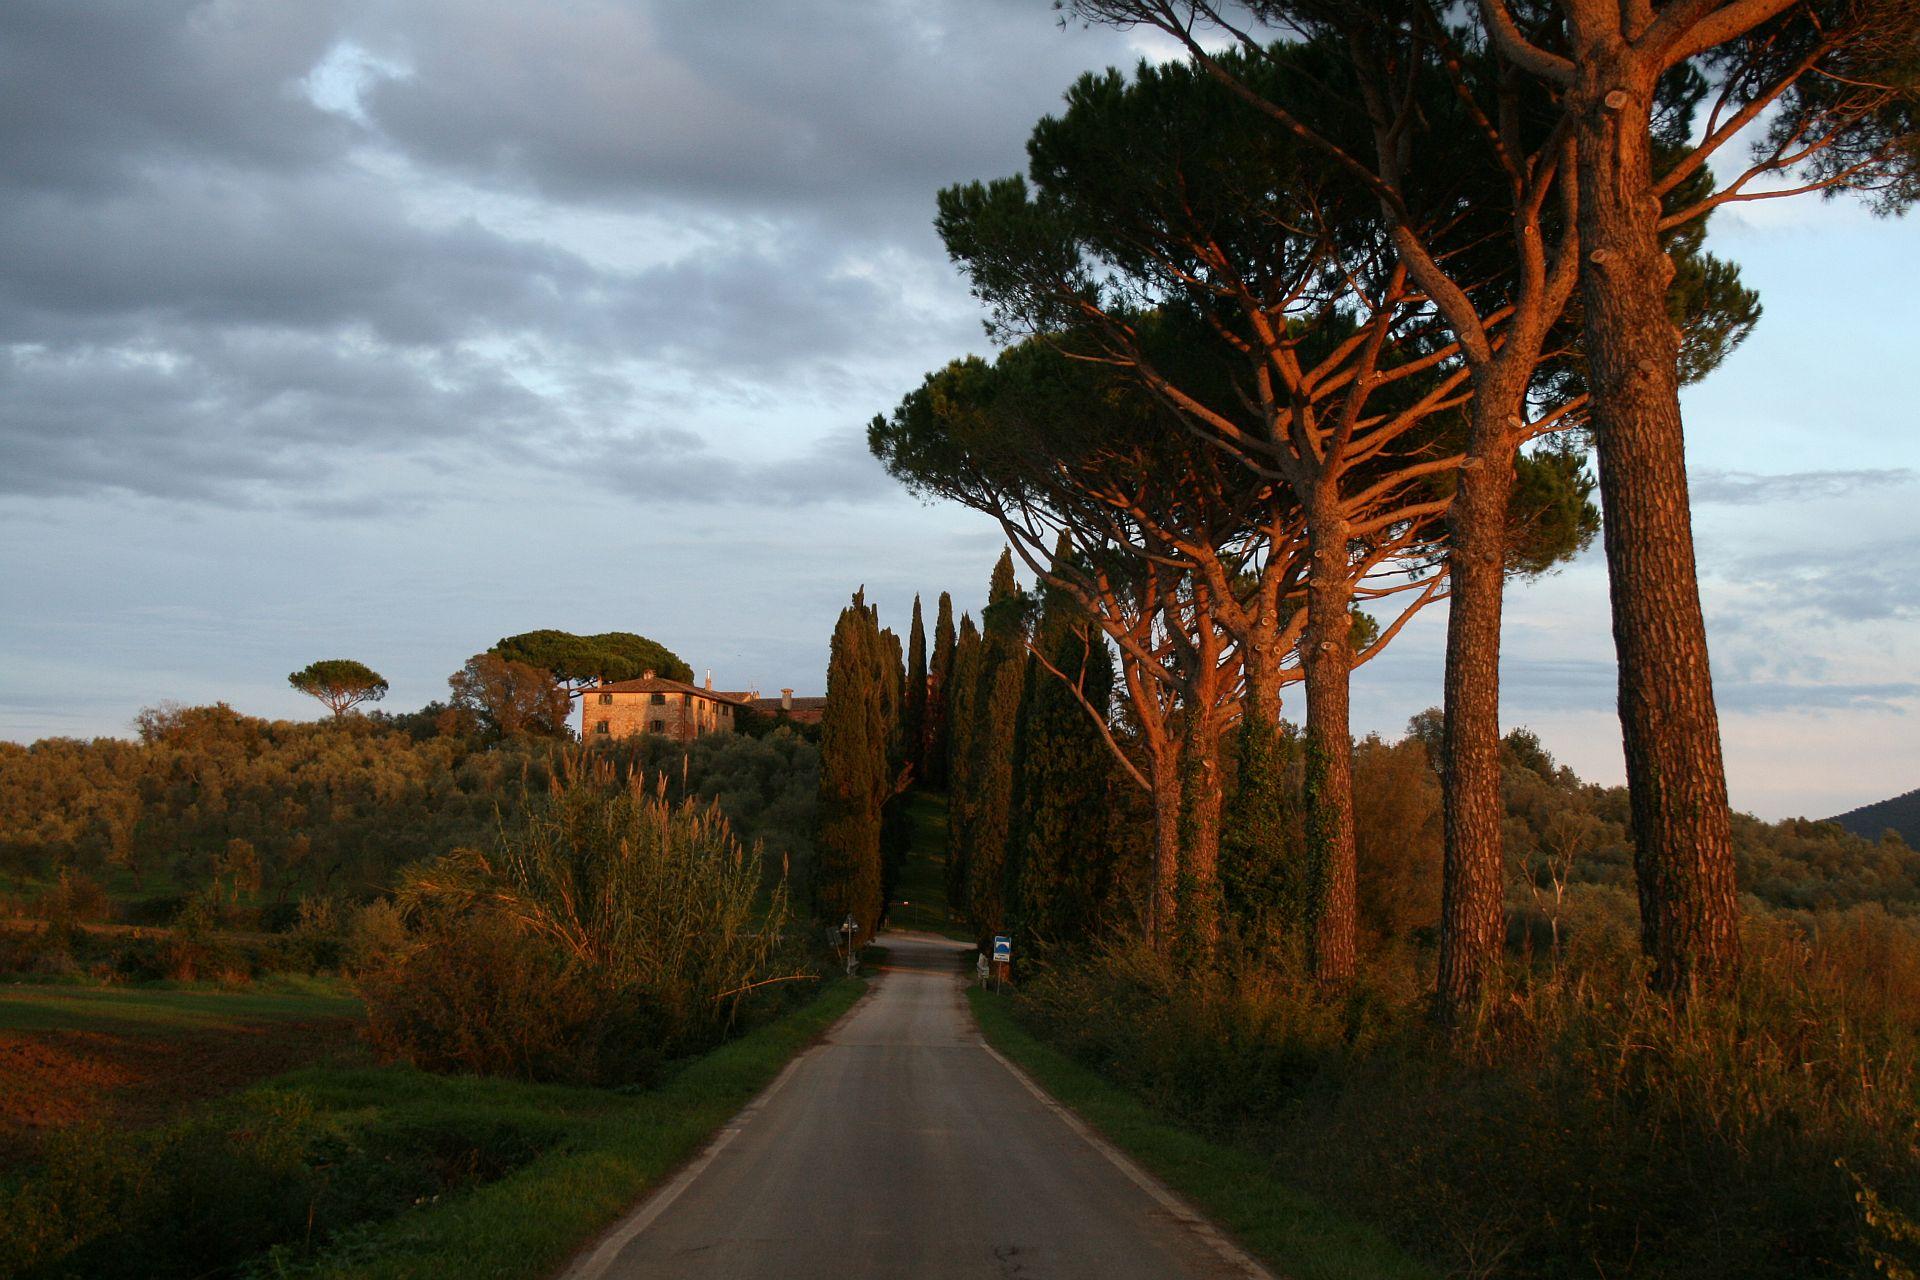 Viale dei pini per arrivare alla tenuta di montelattaia